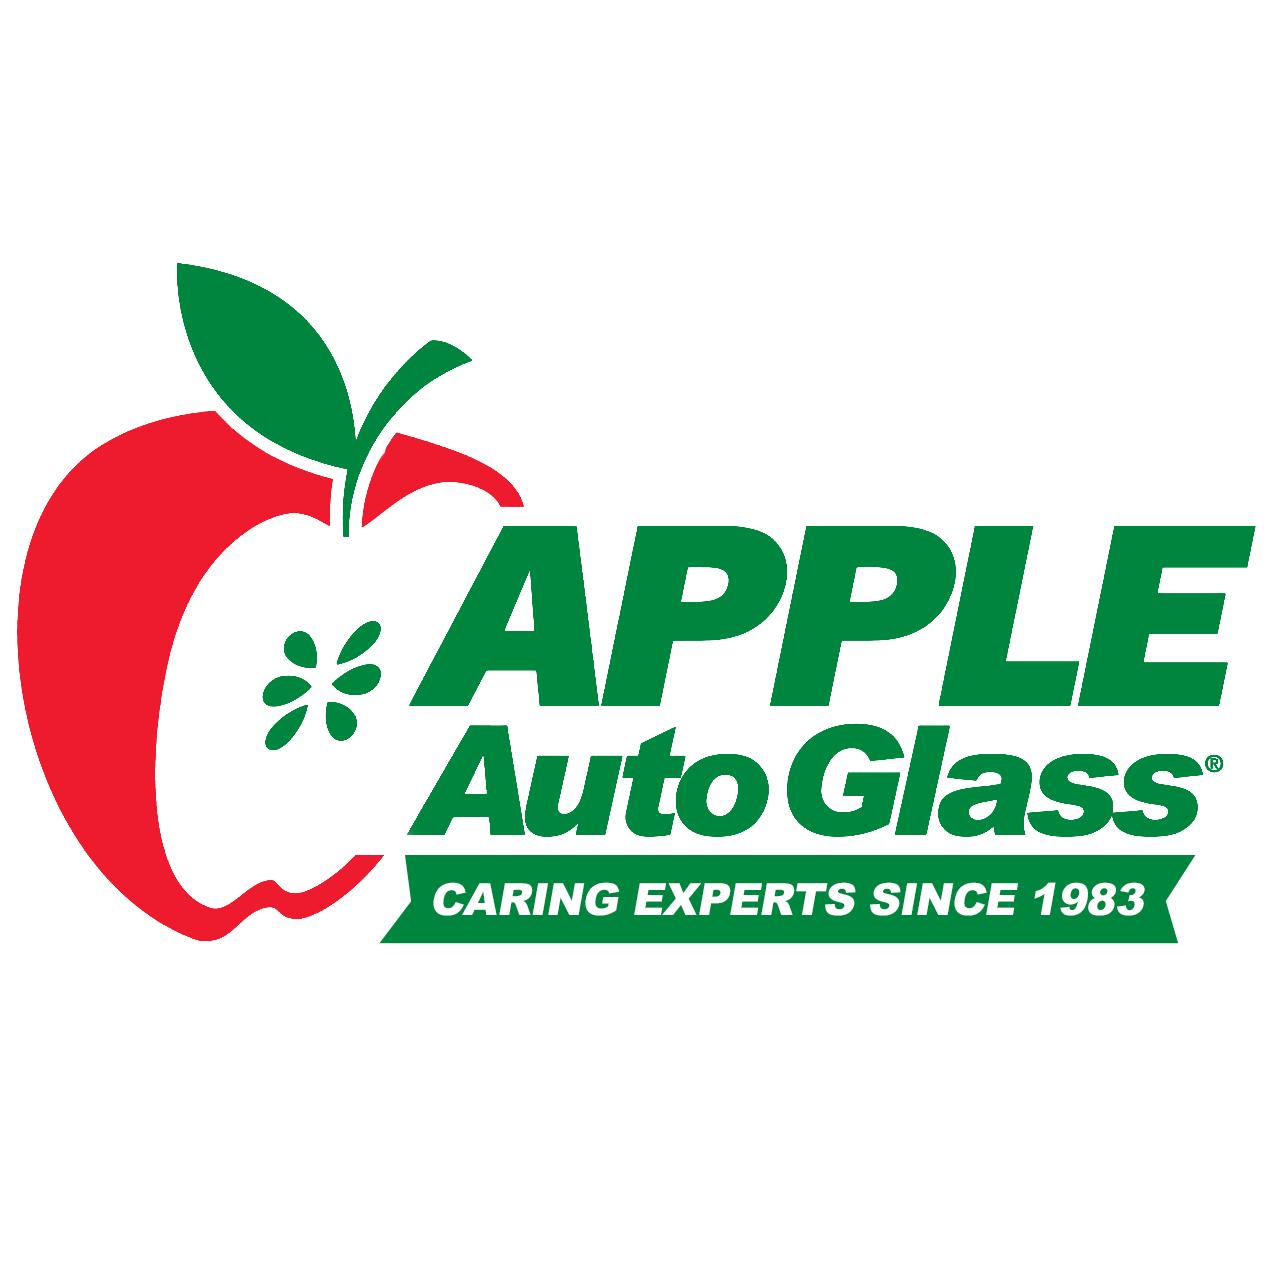 Apple Auto Glass - Auto Glass & Windshields